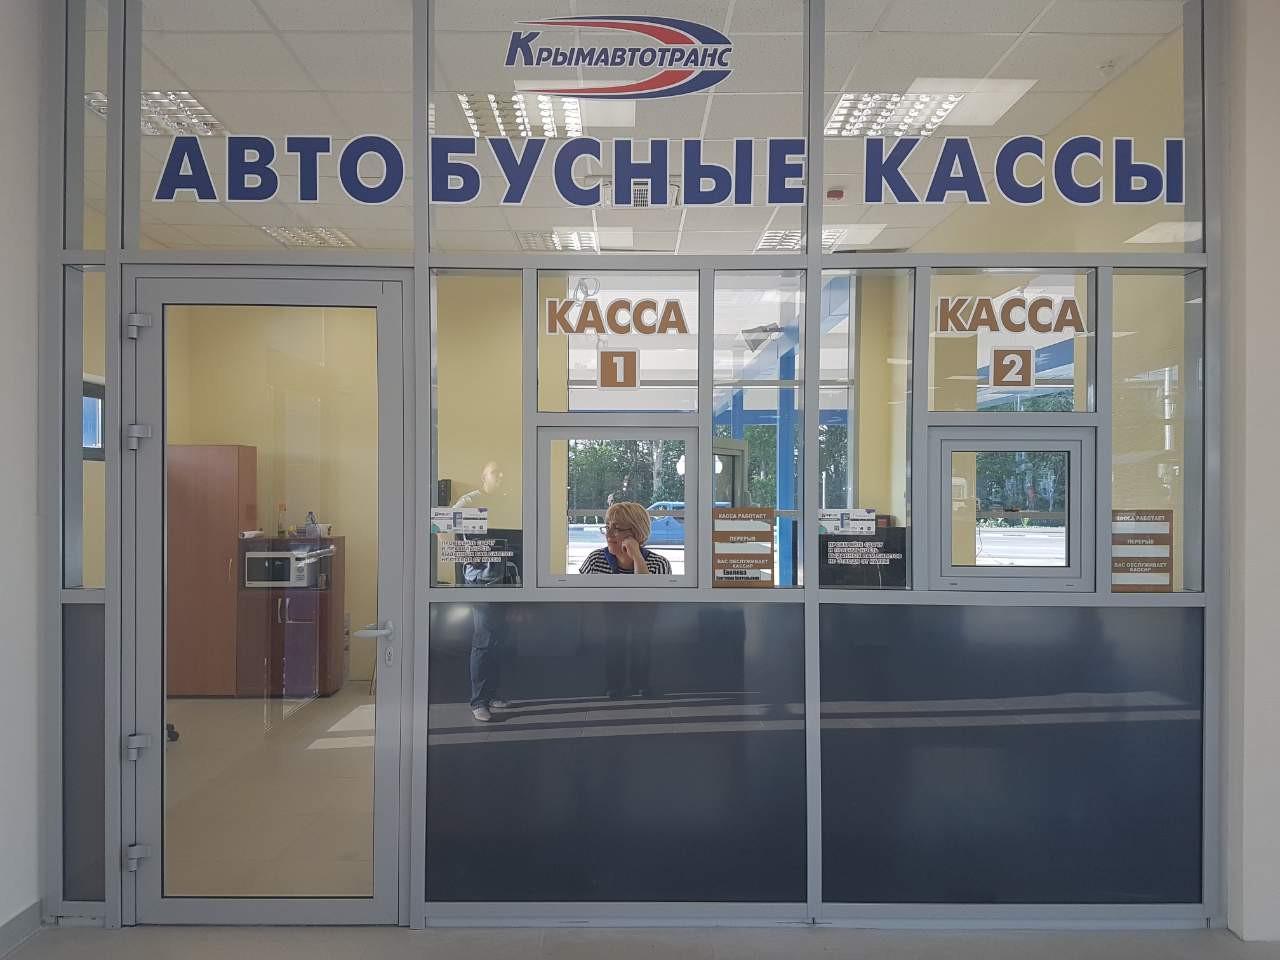 Когда решится проблема покупки билетов на автобусы между Крымом и Севастополем?